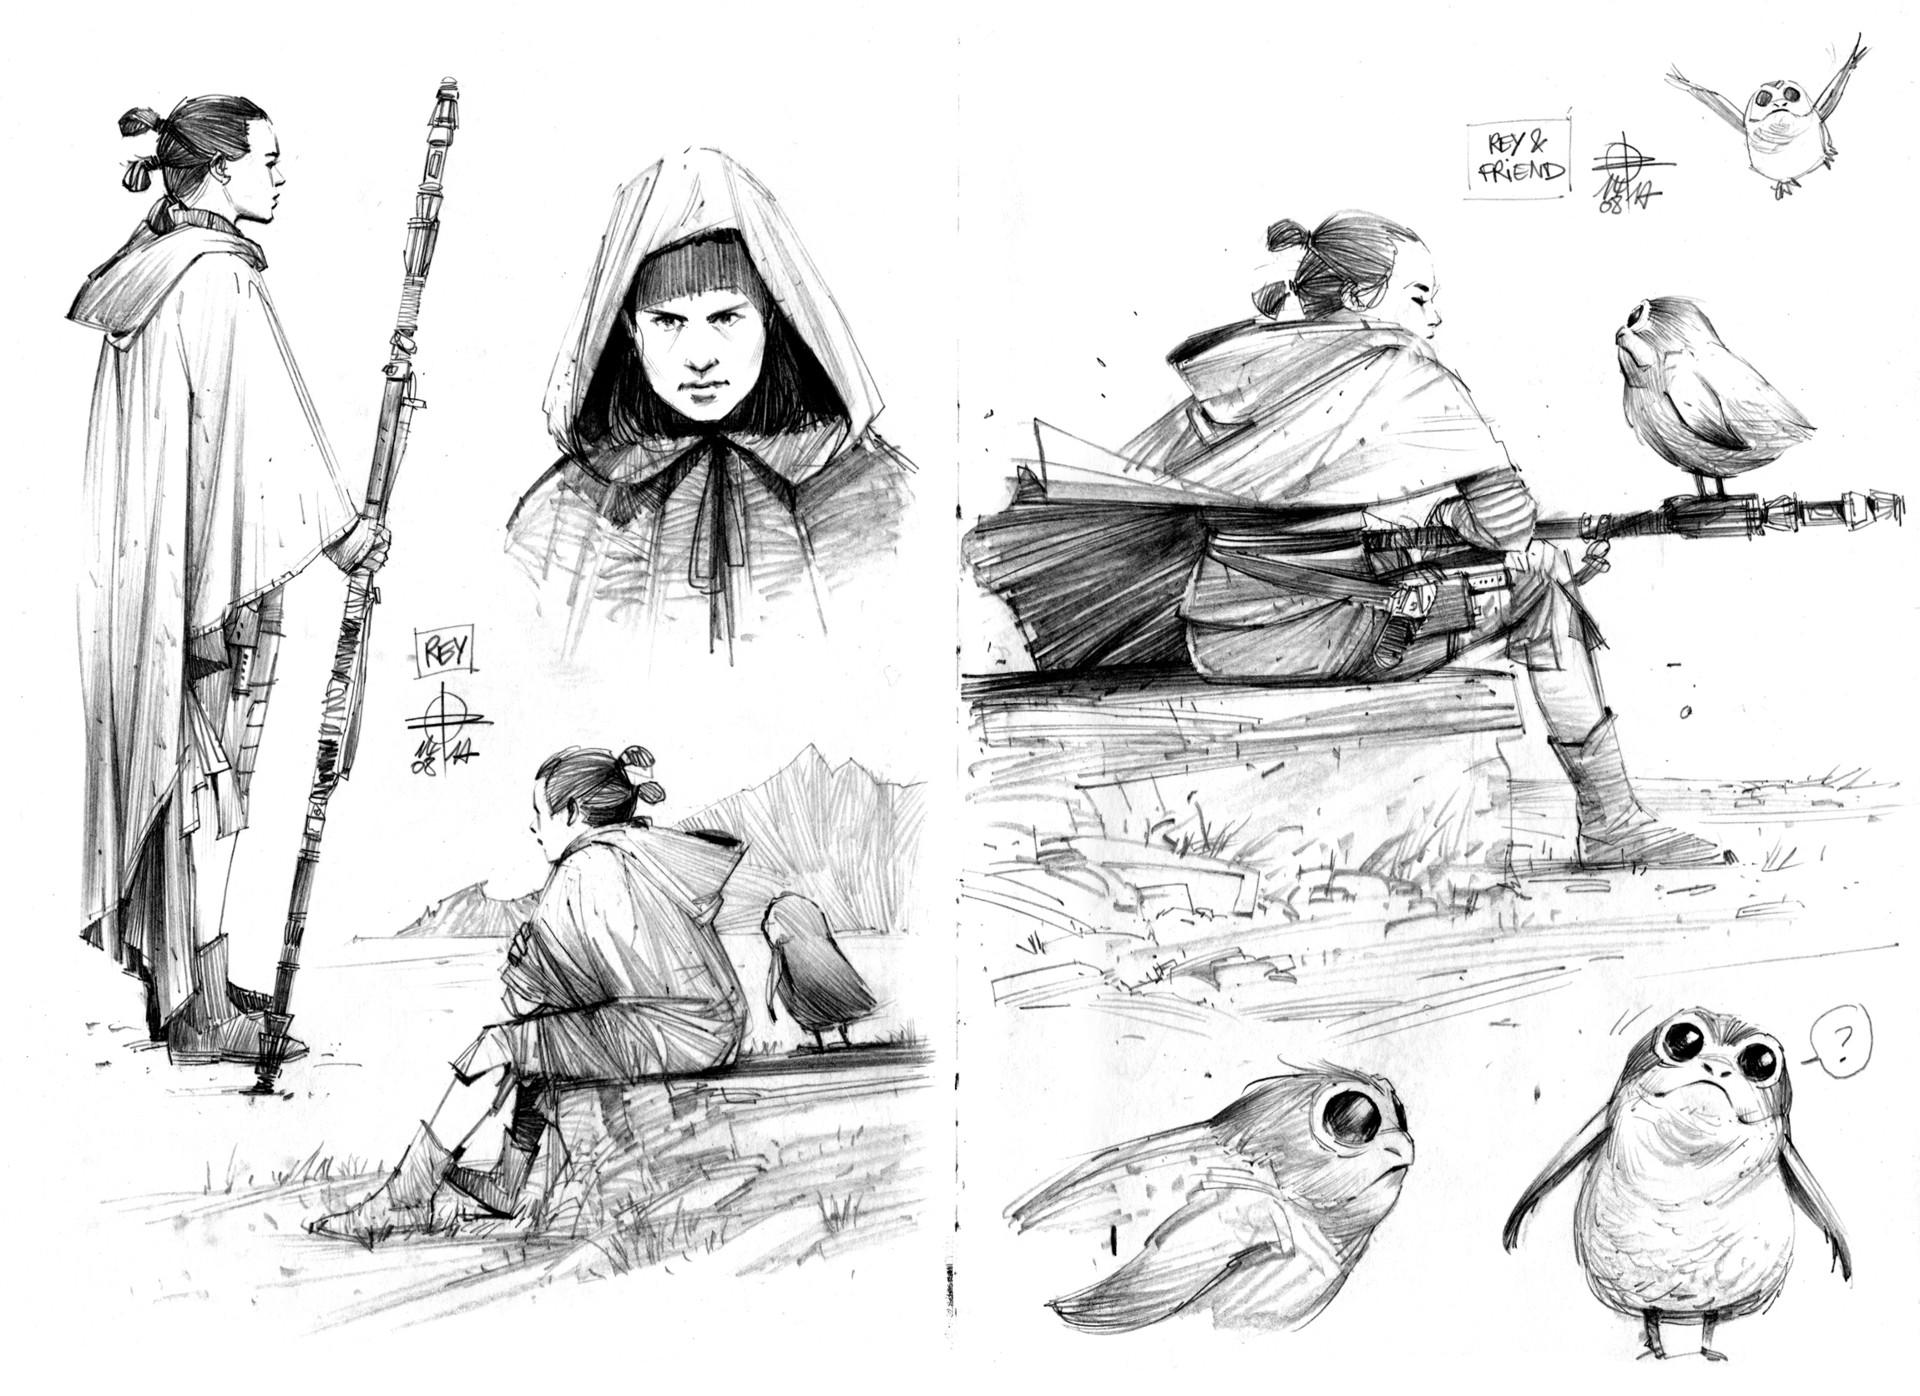 Renaud roche sketchbook07